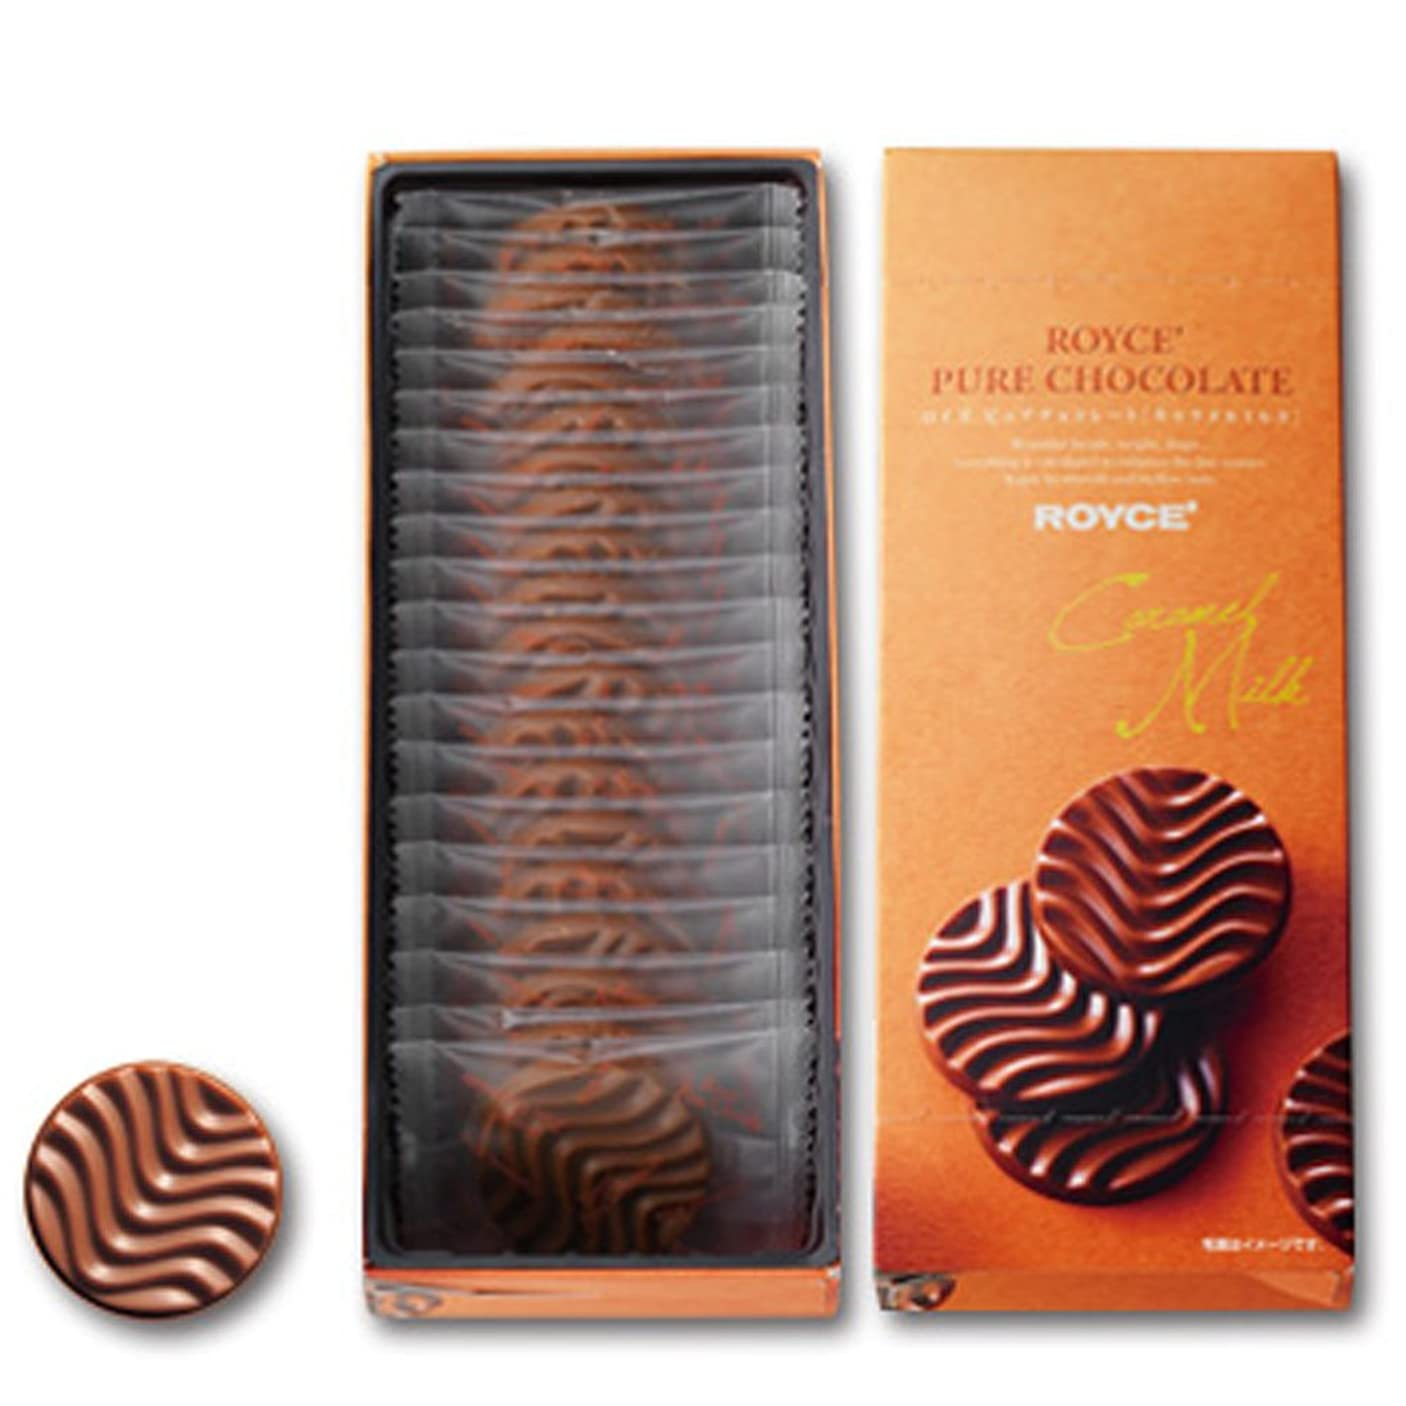 タクトのりサンドイッチROYCE (ロイズ) ピュアチョコレート [キャラメルミルク] 20枚入り